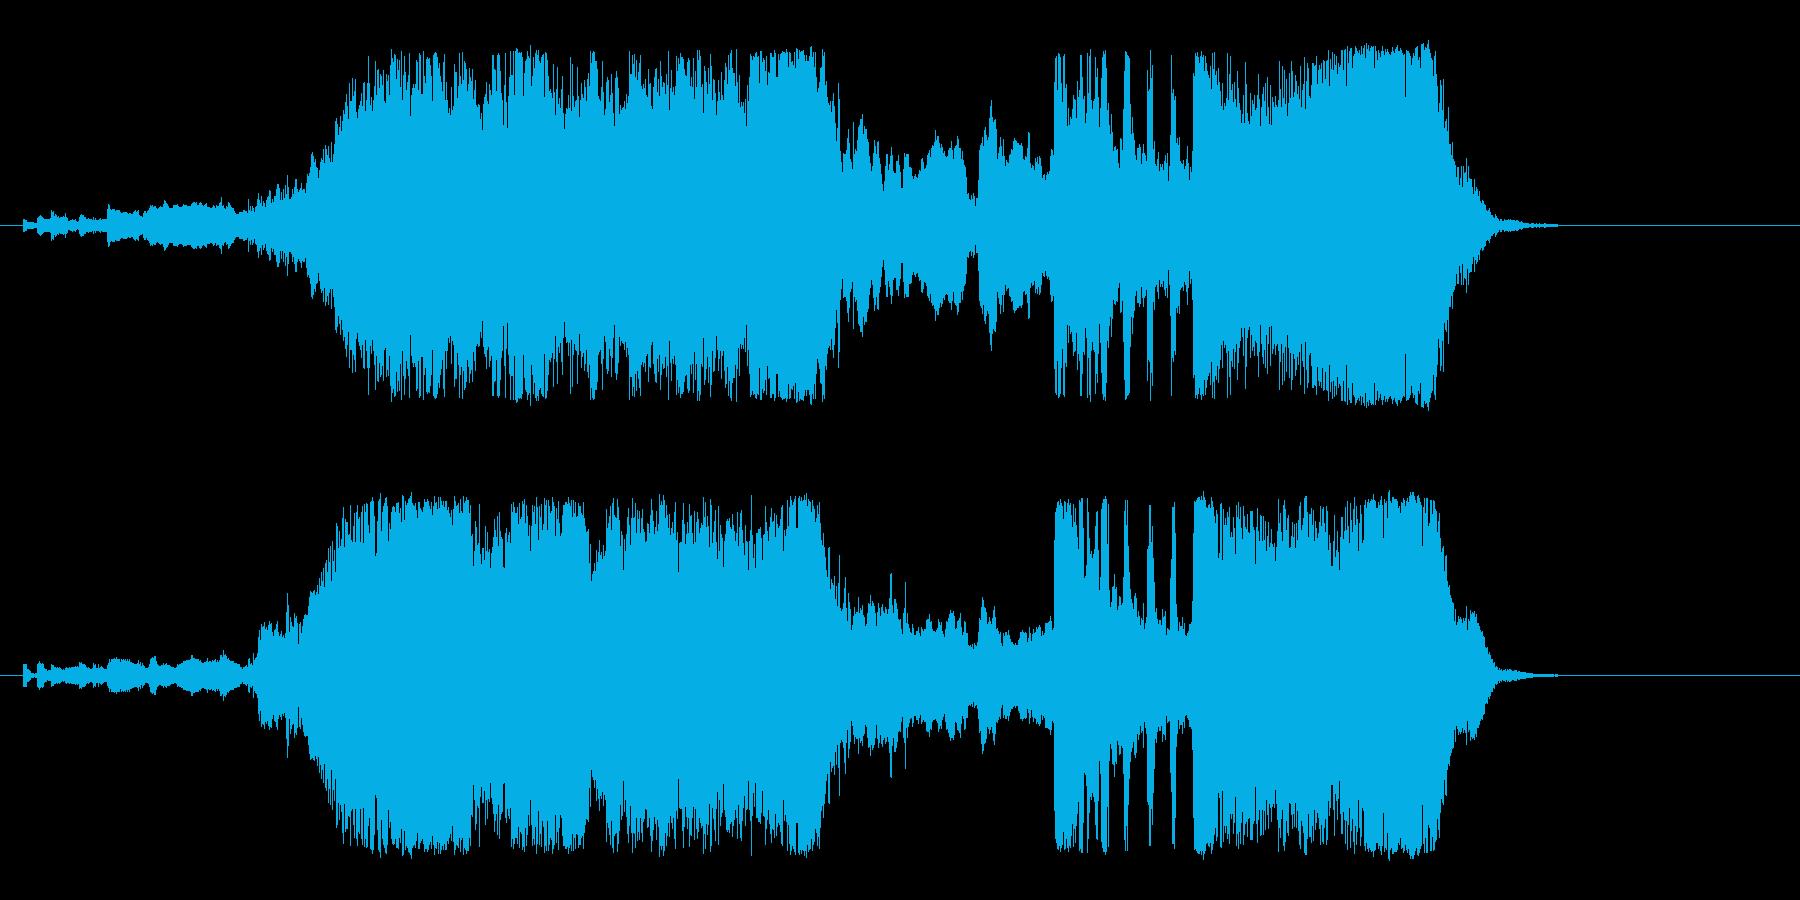 ファンタジー、オーケストラ、イントロロゴの再生済みの波形